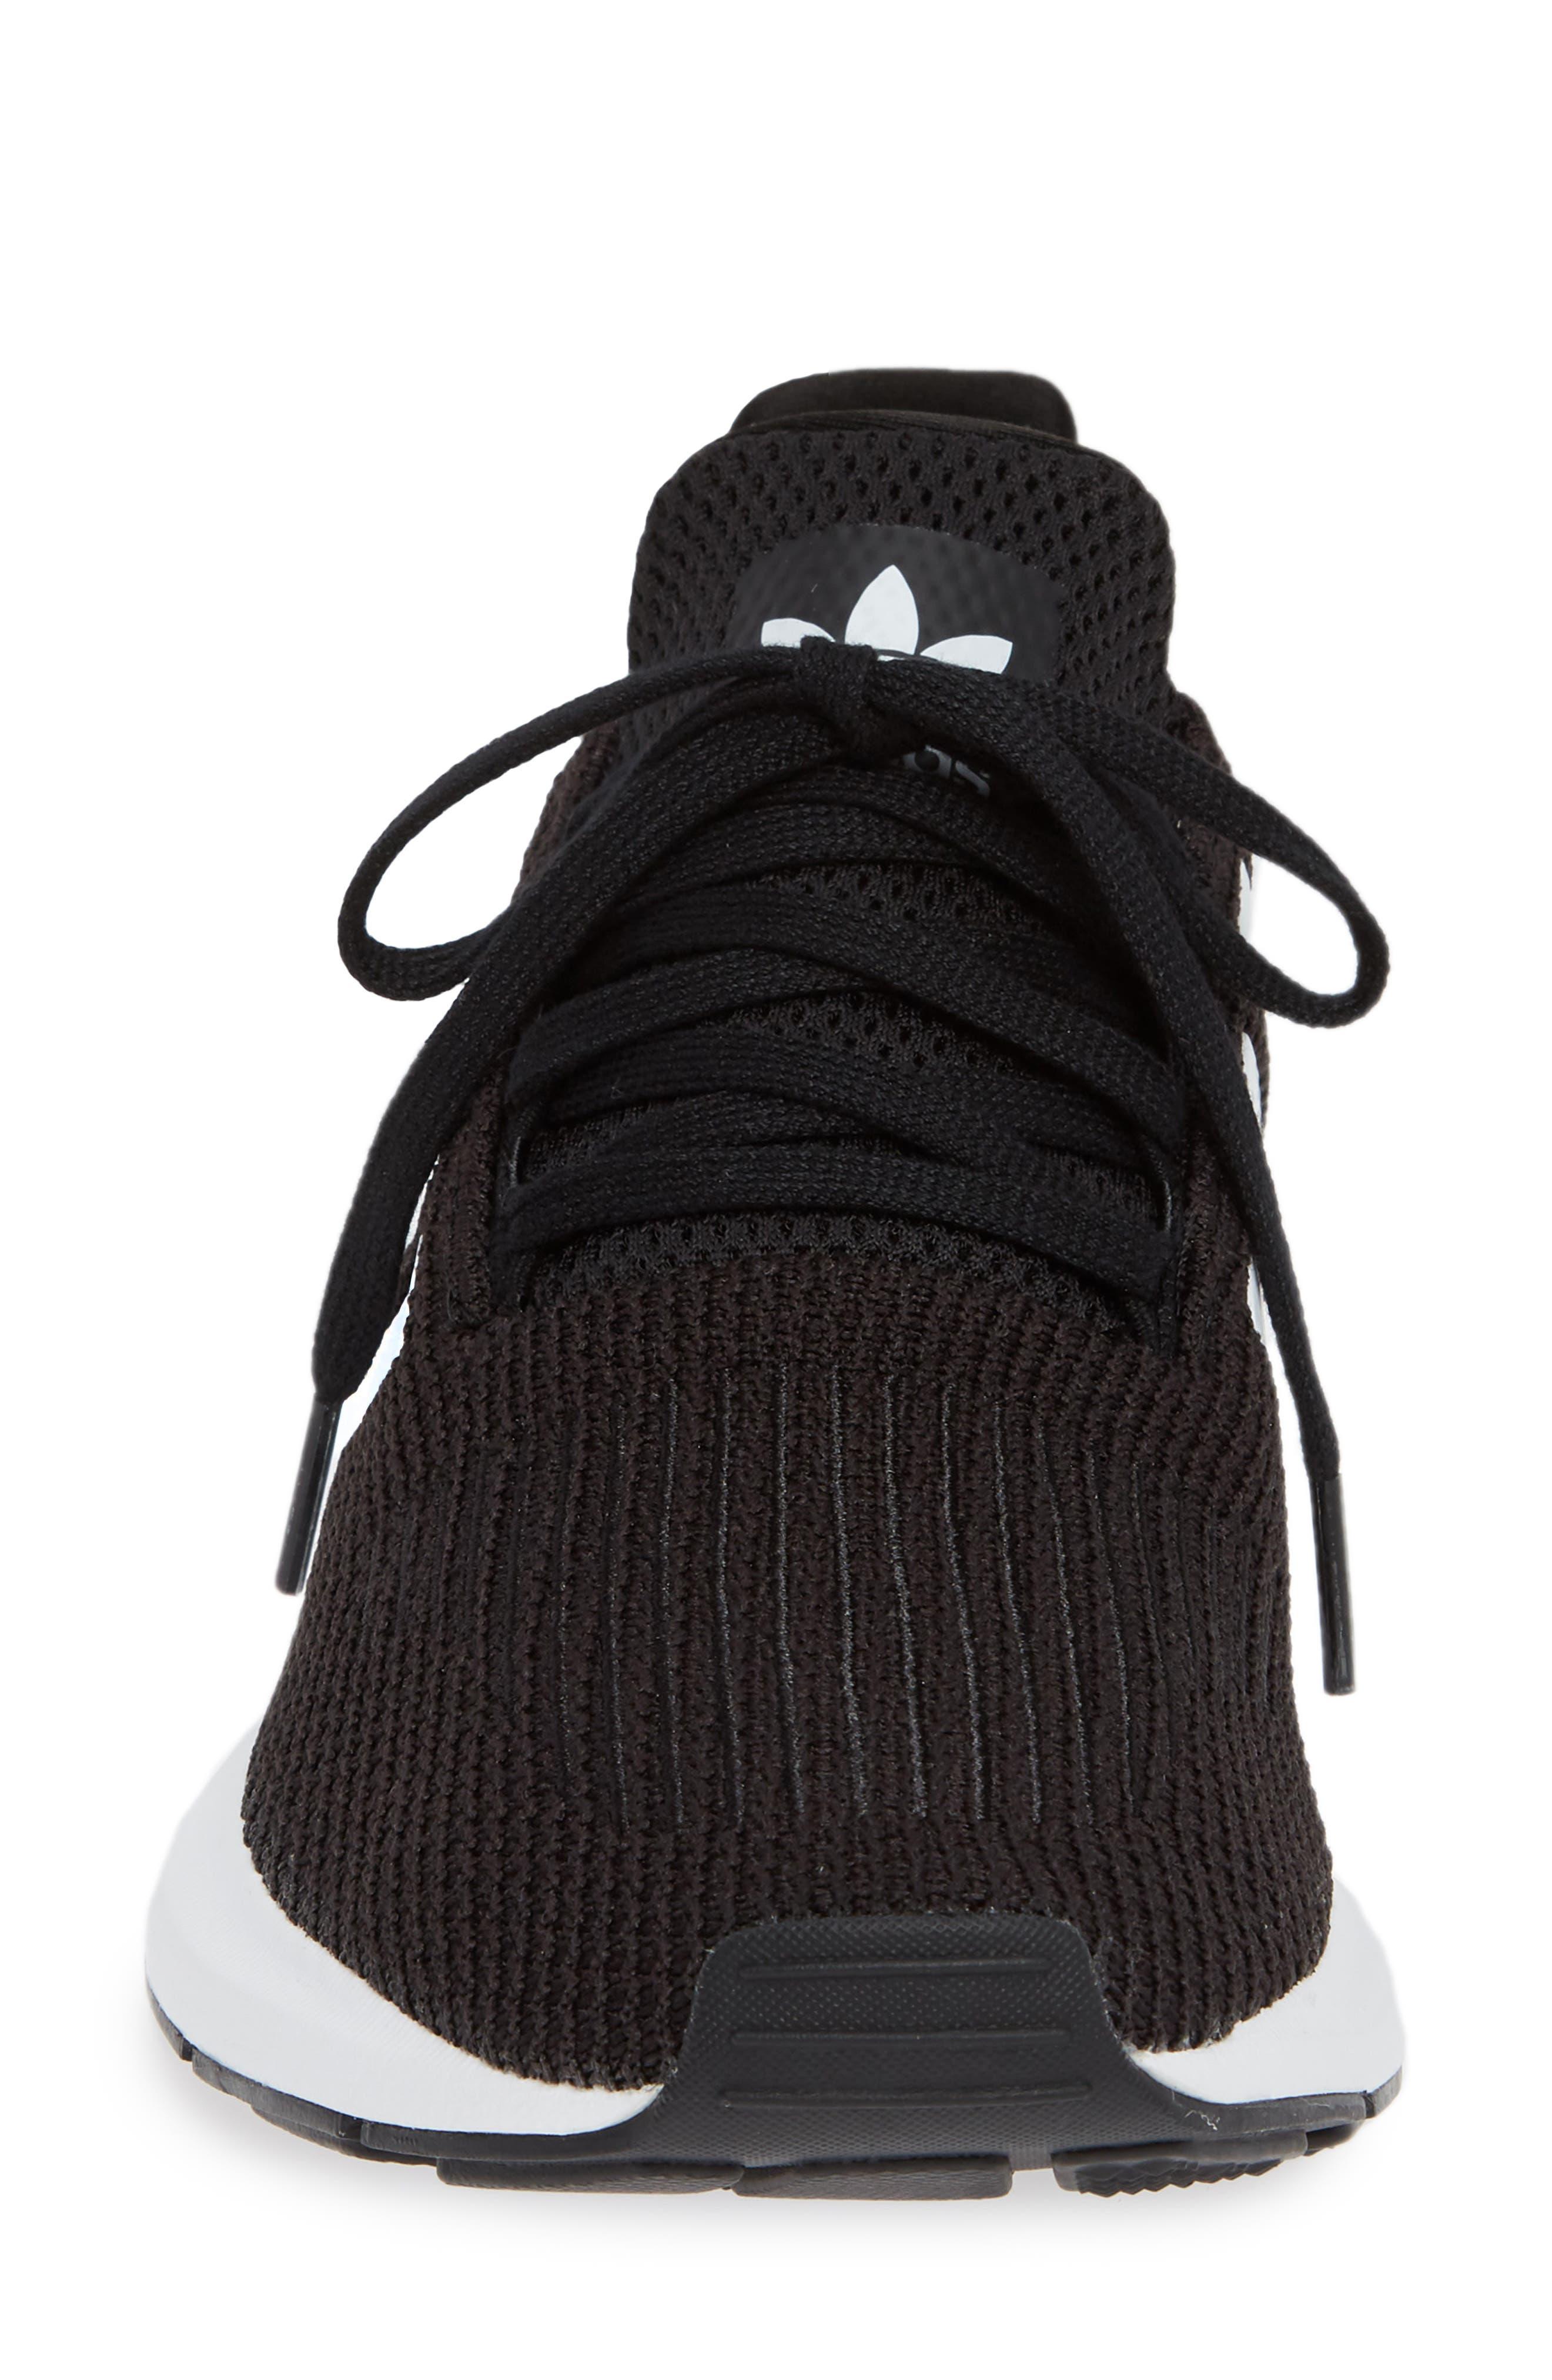 Swift Run Sneaker,                             Alternate thumbnail 4, color,                             Black/ White